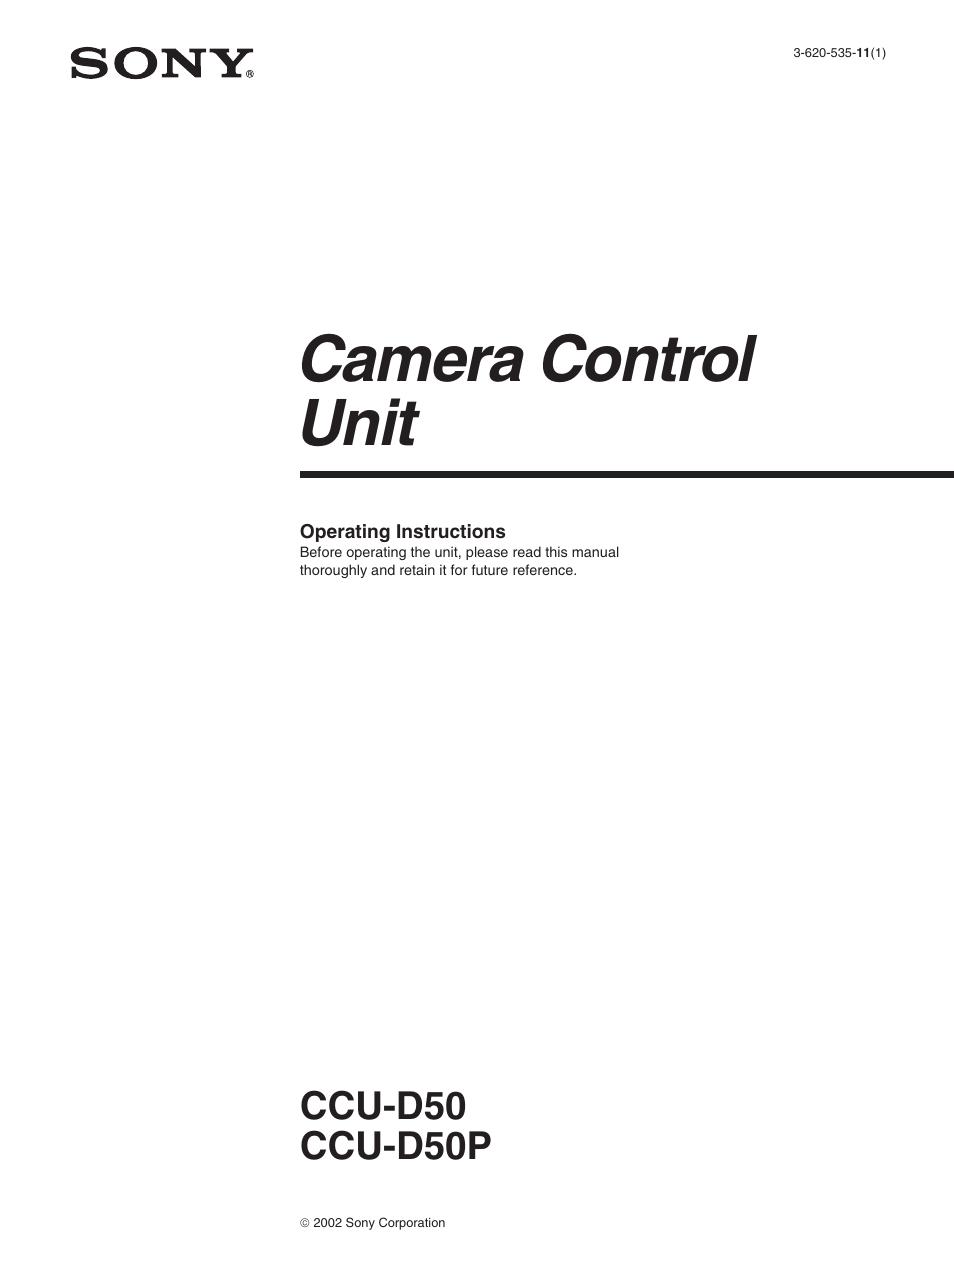 CCU D50 MANUAL PDF